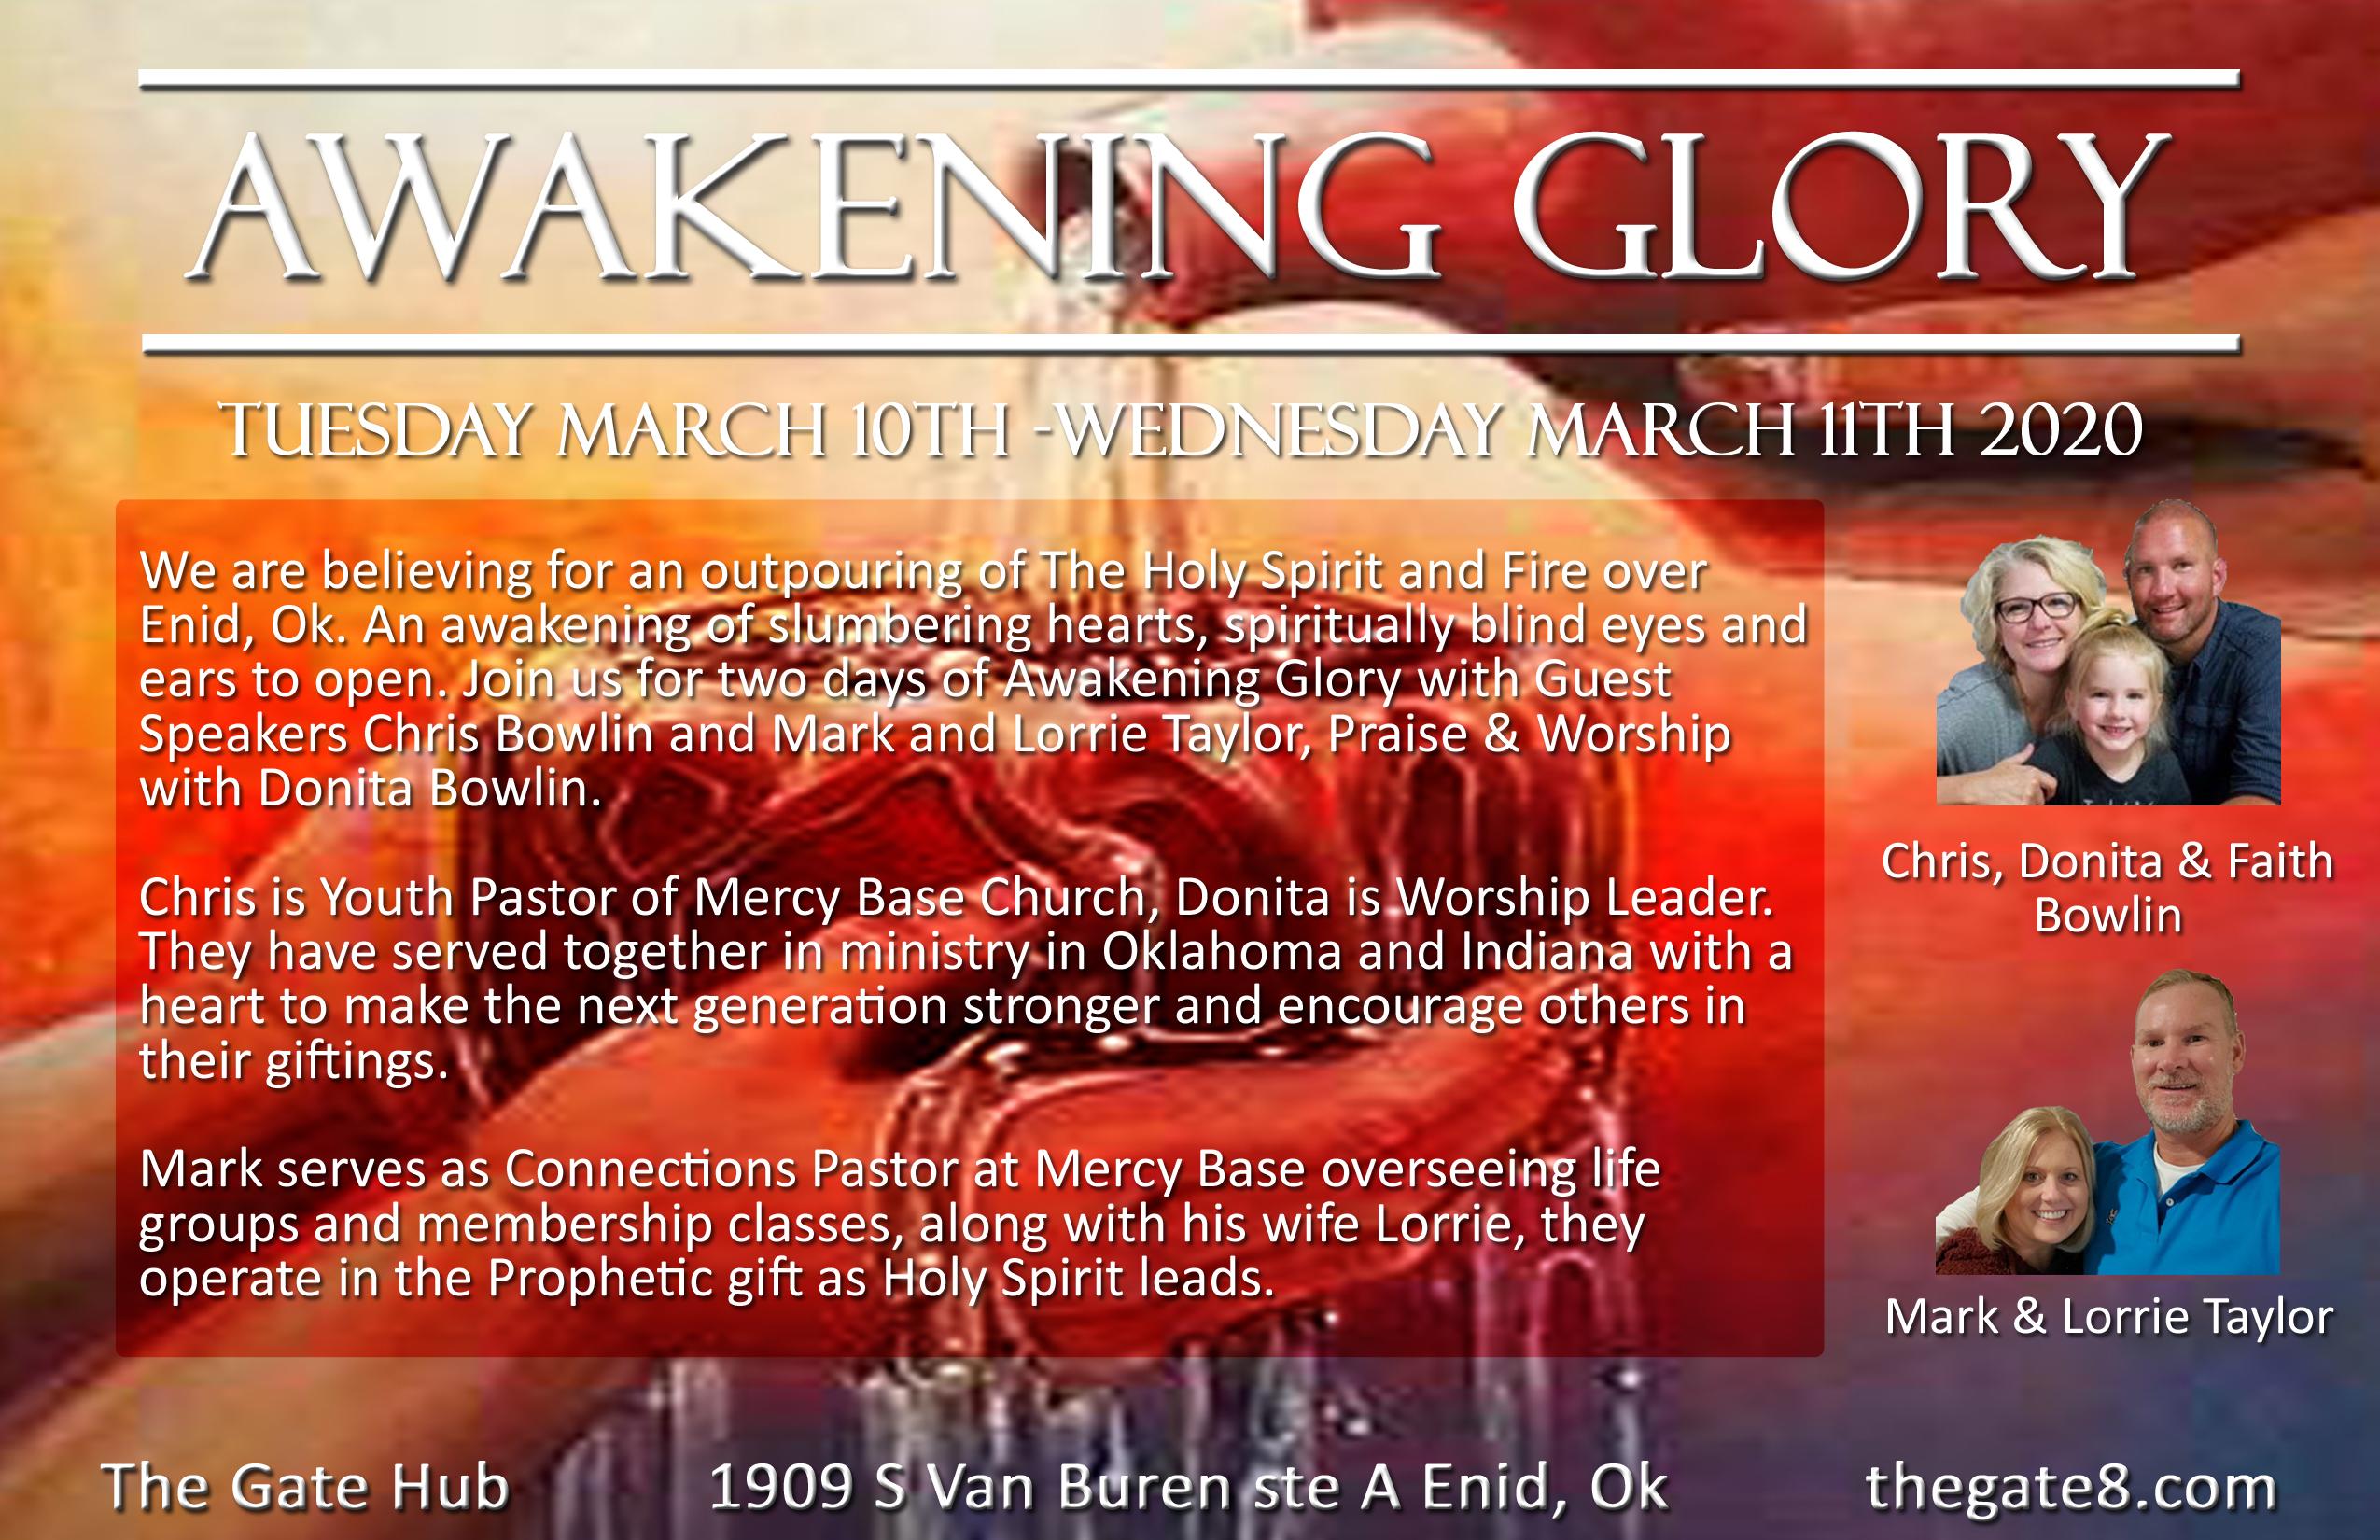 Awakening Glory